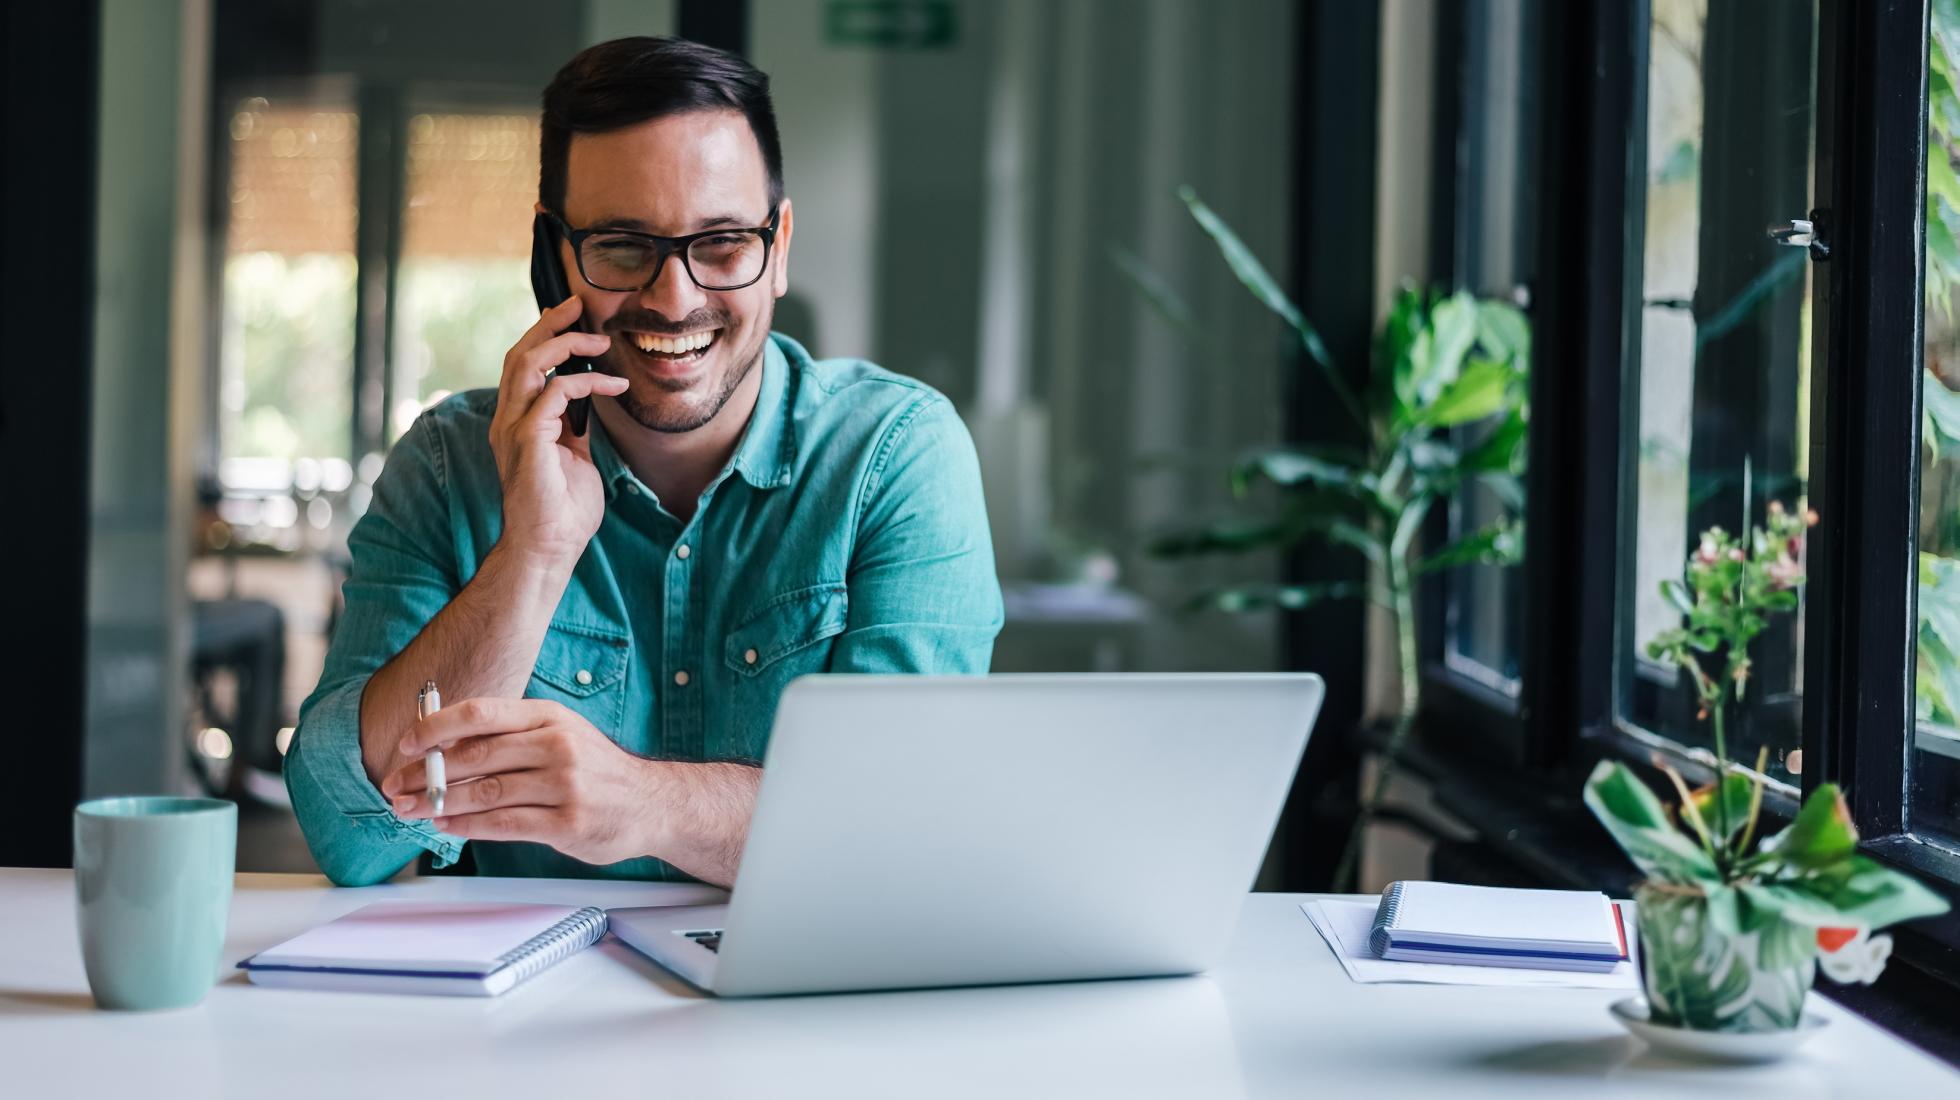 Mann telefoniert und sitzt am Laptop